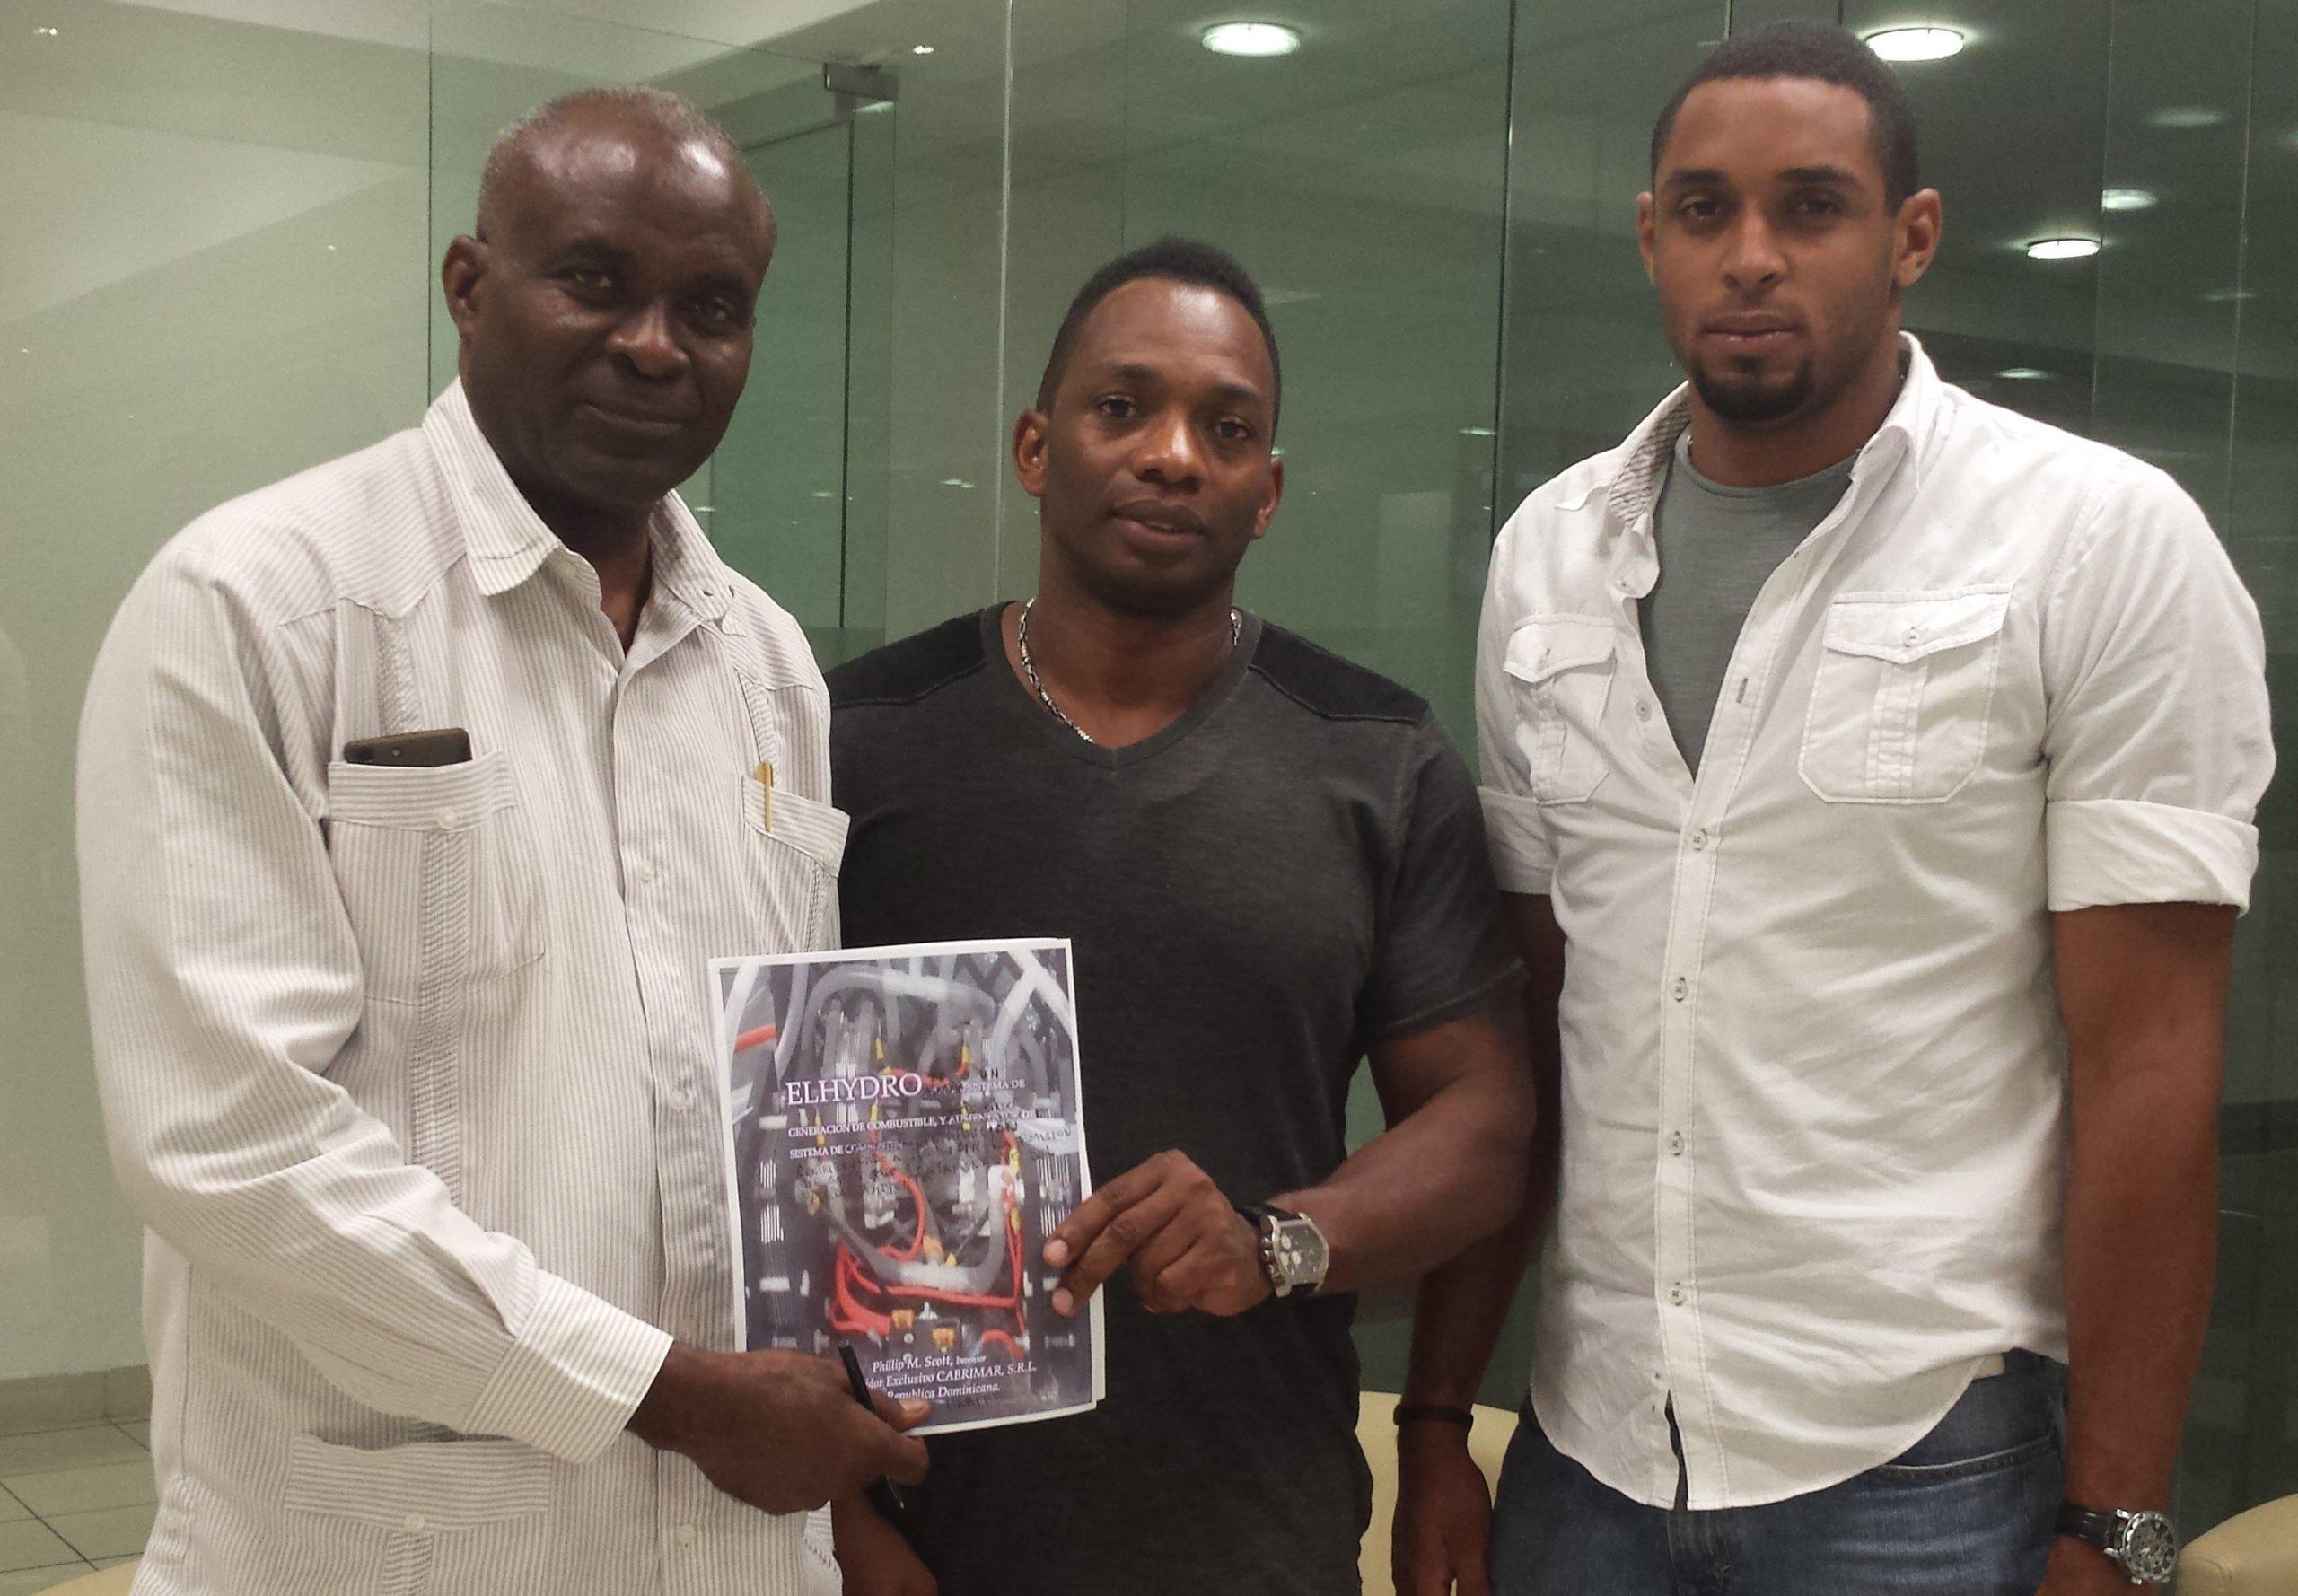 Pihillip Scott junto a los señores José y Arky Cabral, durante el anuncio del nuevo producto.